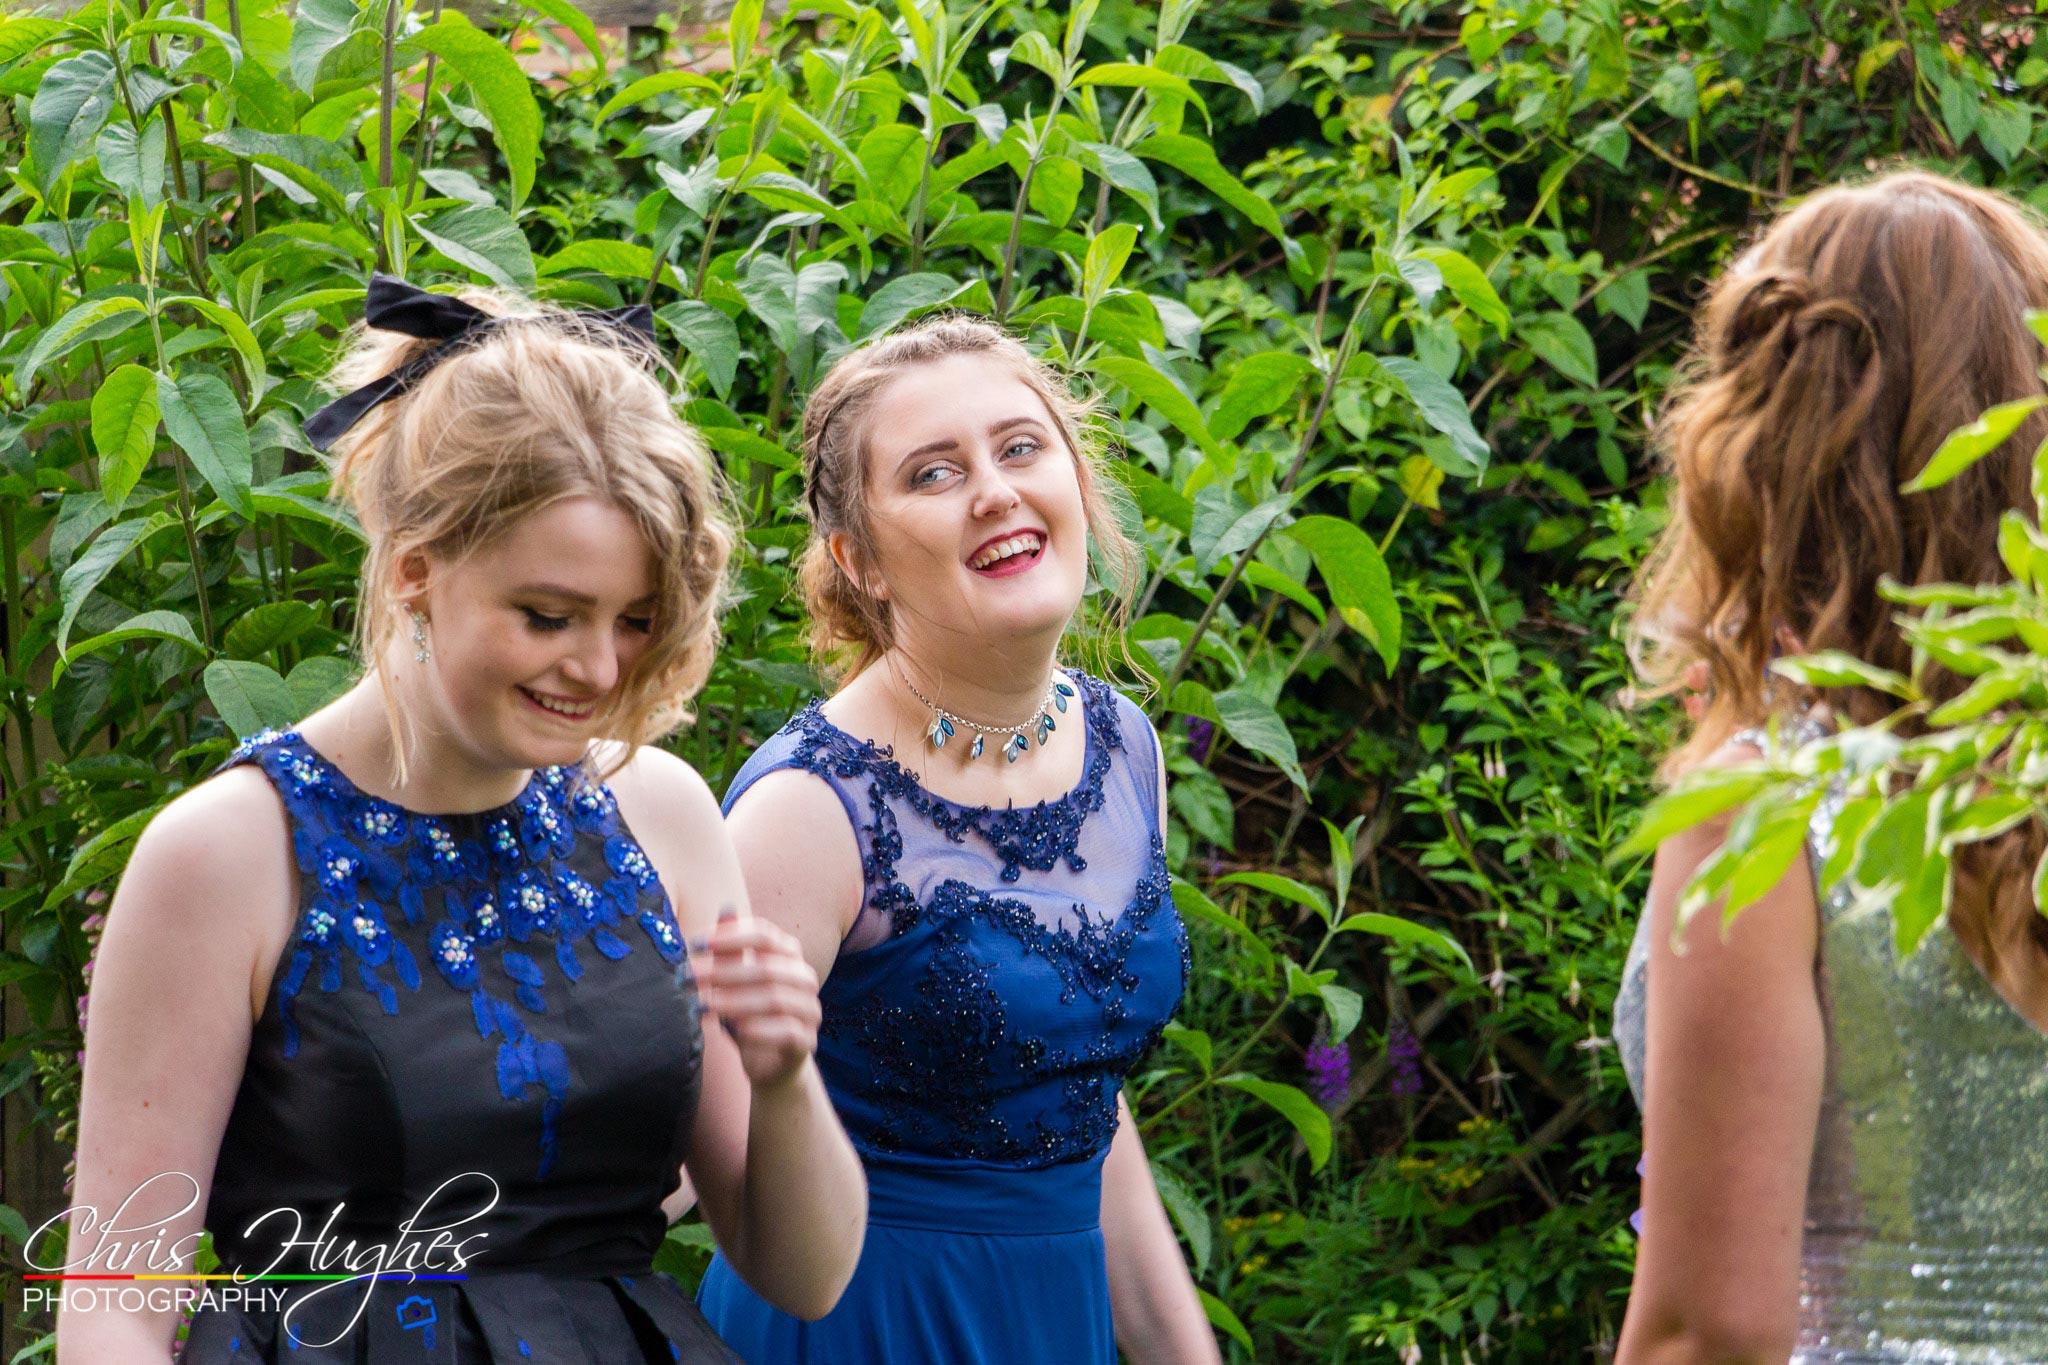 Prom Photos & Garden Party, Darlington